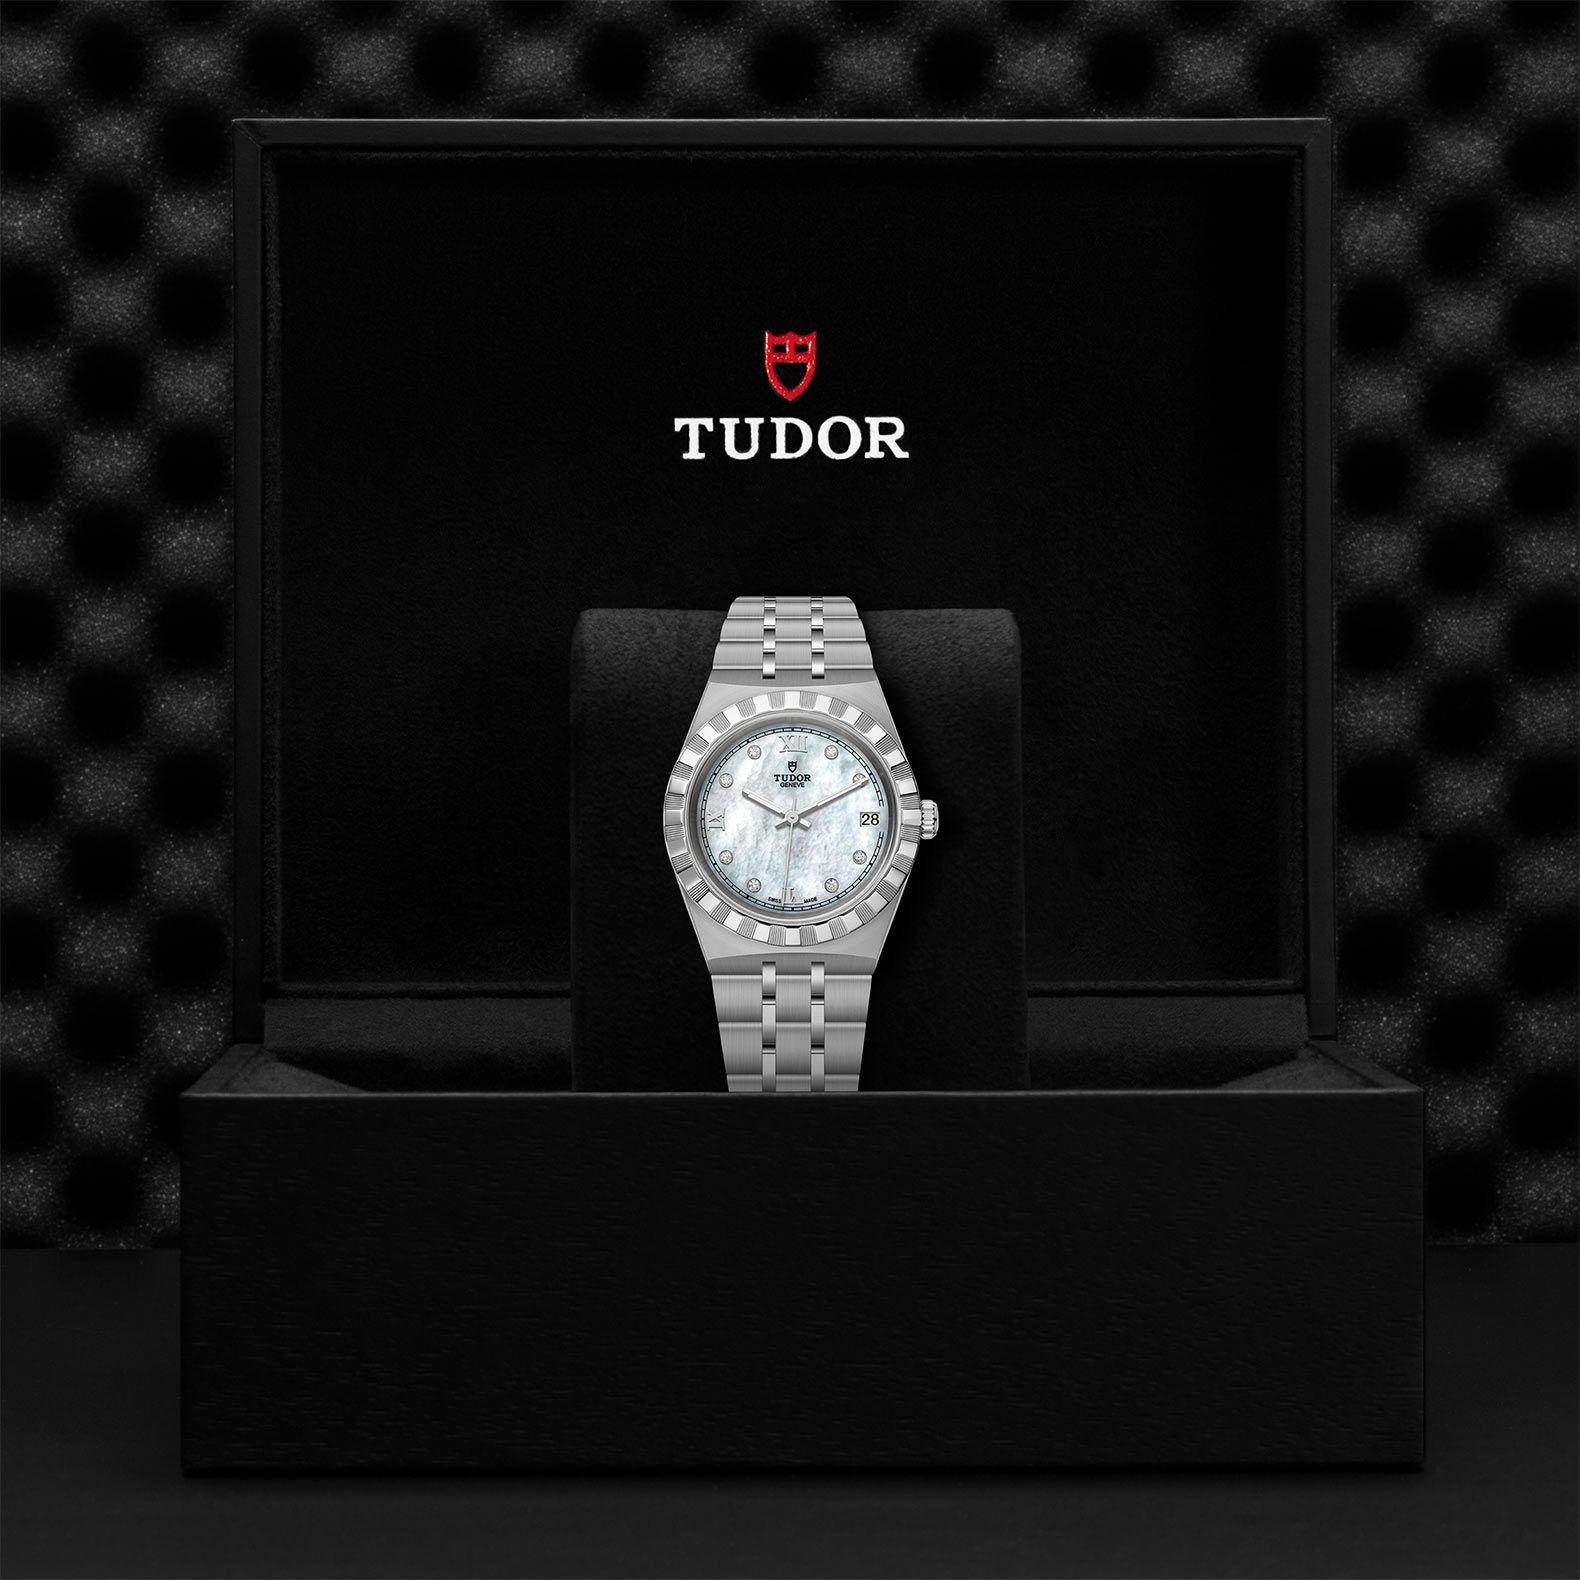 TUDOR ROYAL 28400 - 0005